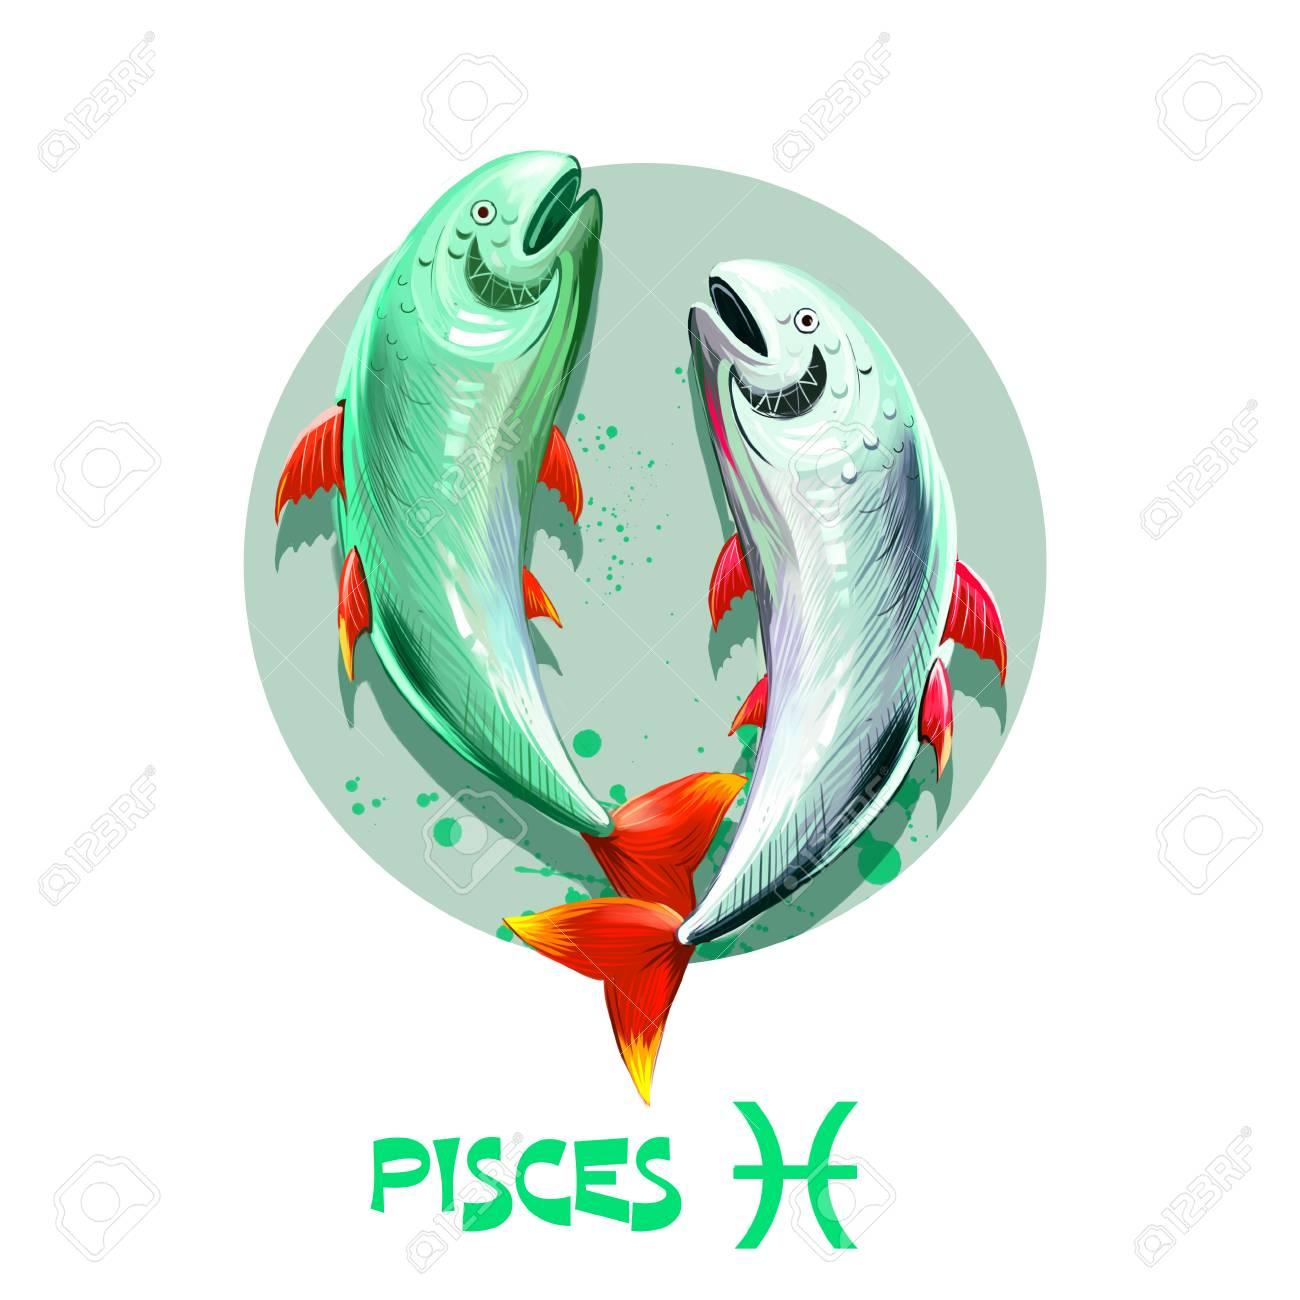 Kreative Digitale Illustration Des Astrologischen Zeichen Fische ...